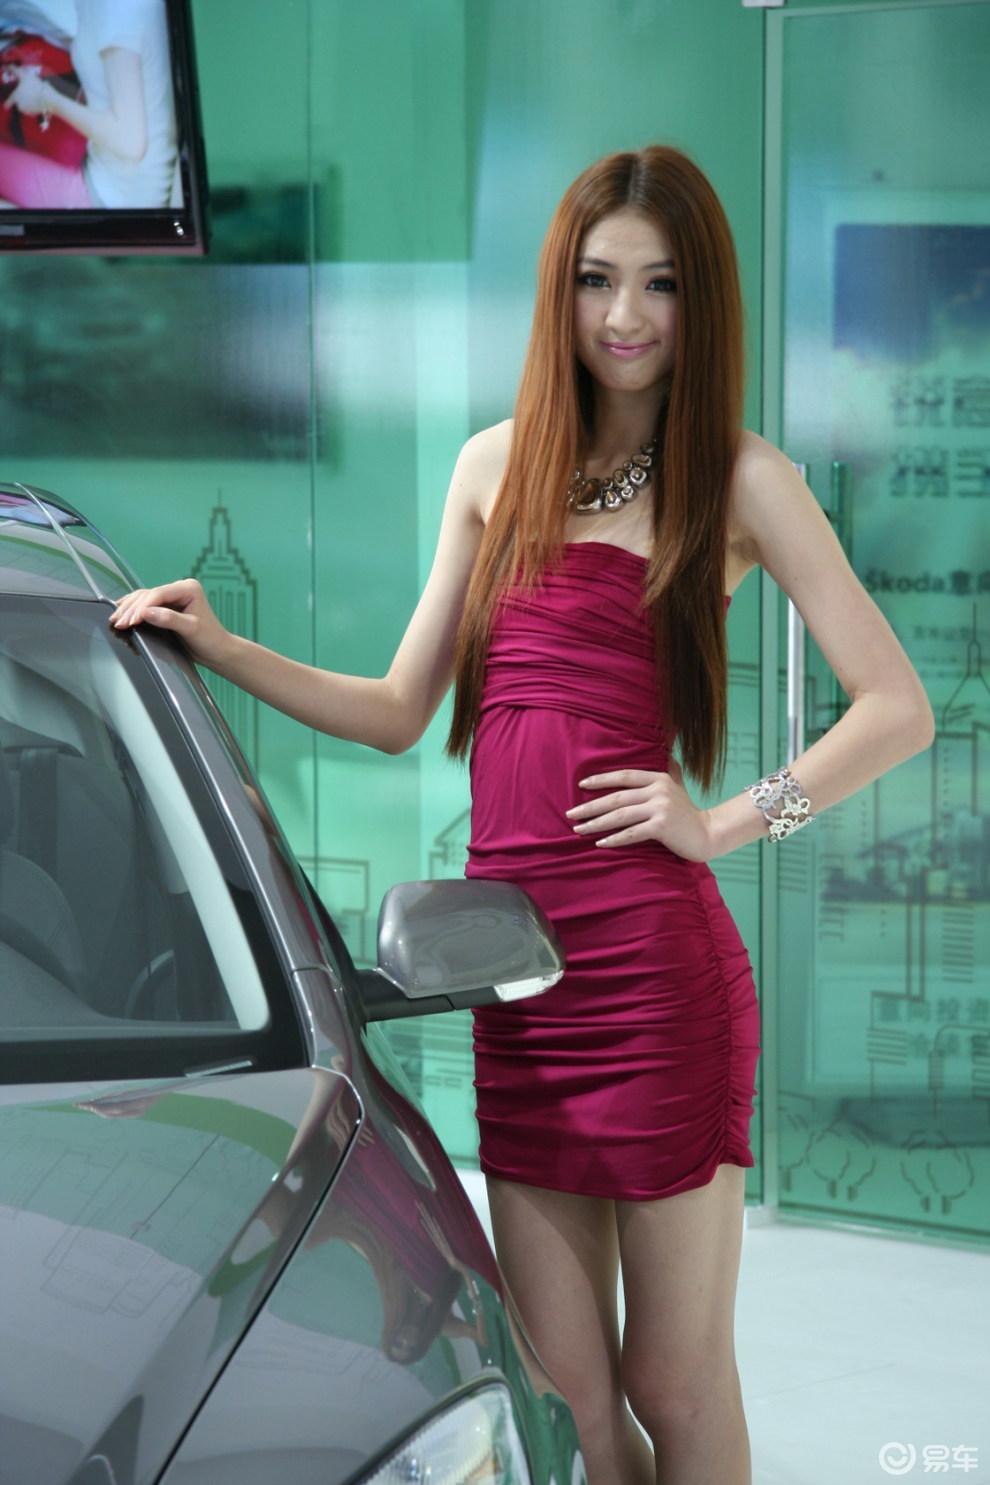 【车模美女图片】 易车网bitautocom 竖